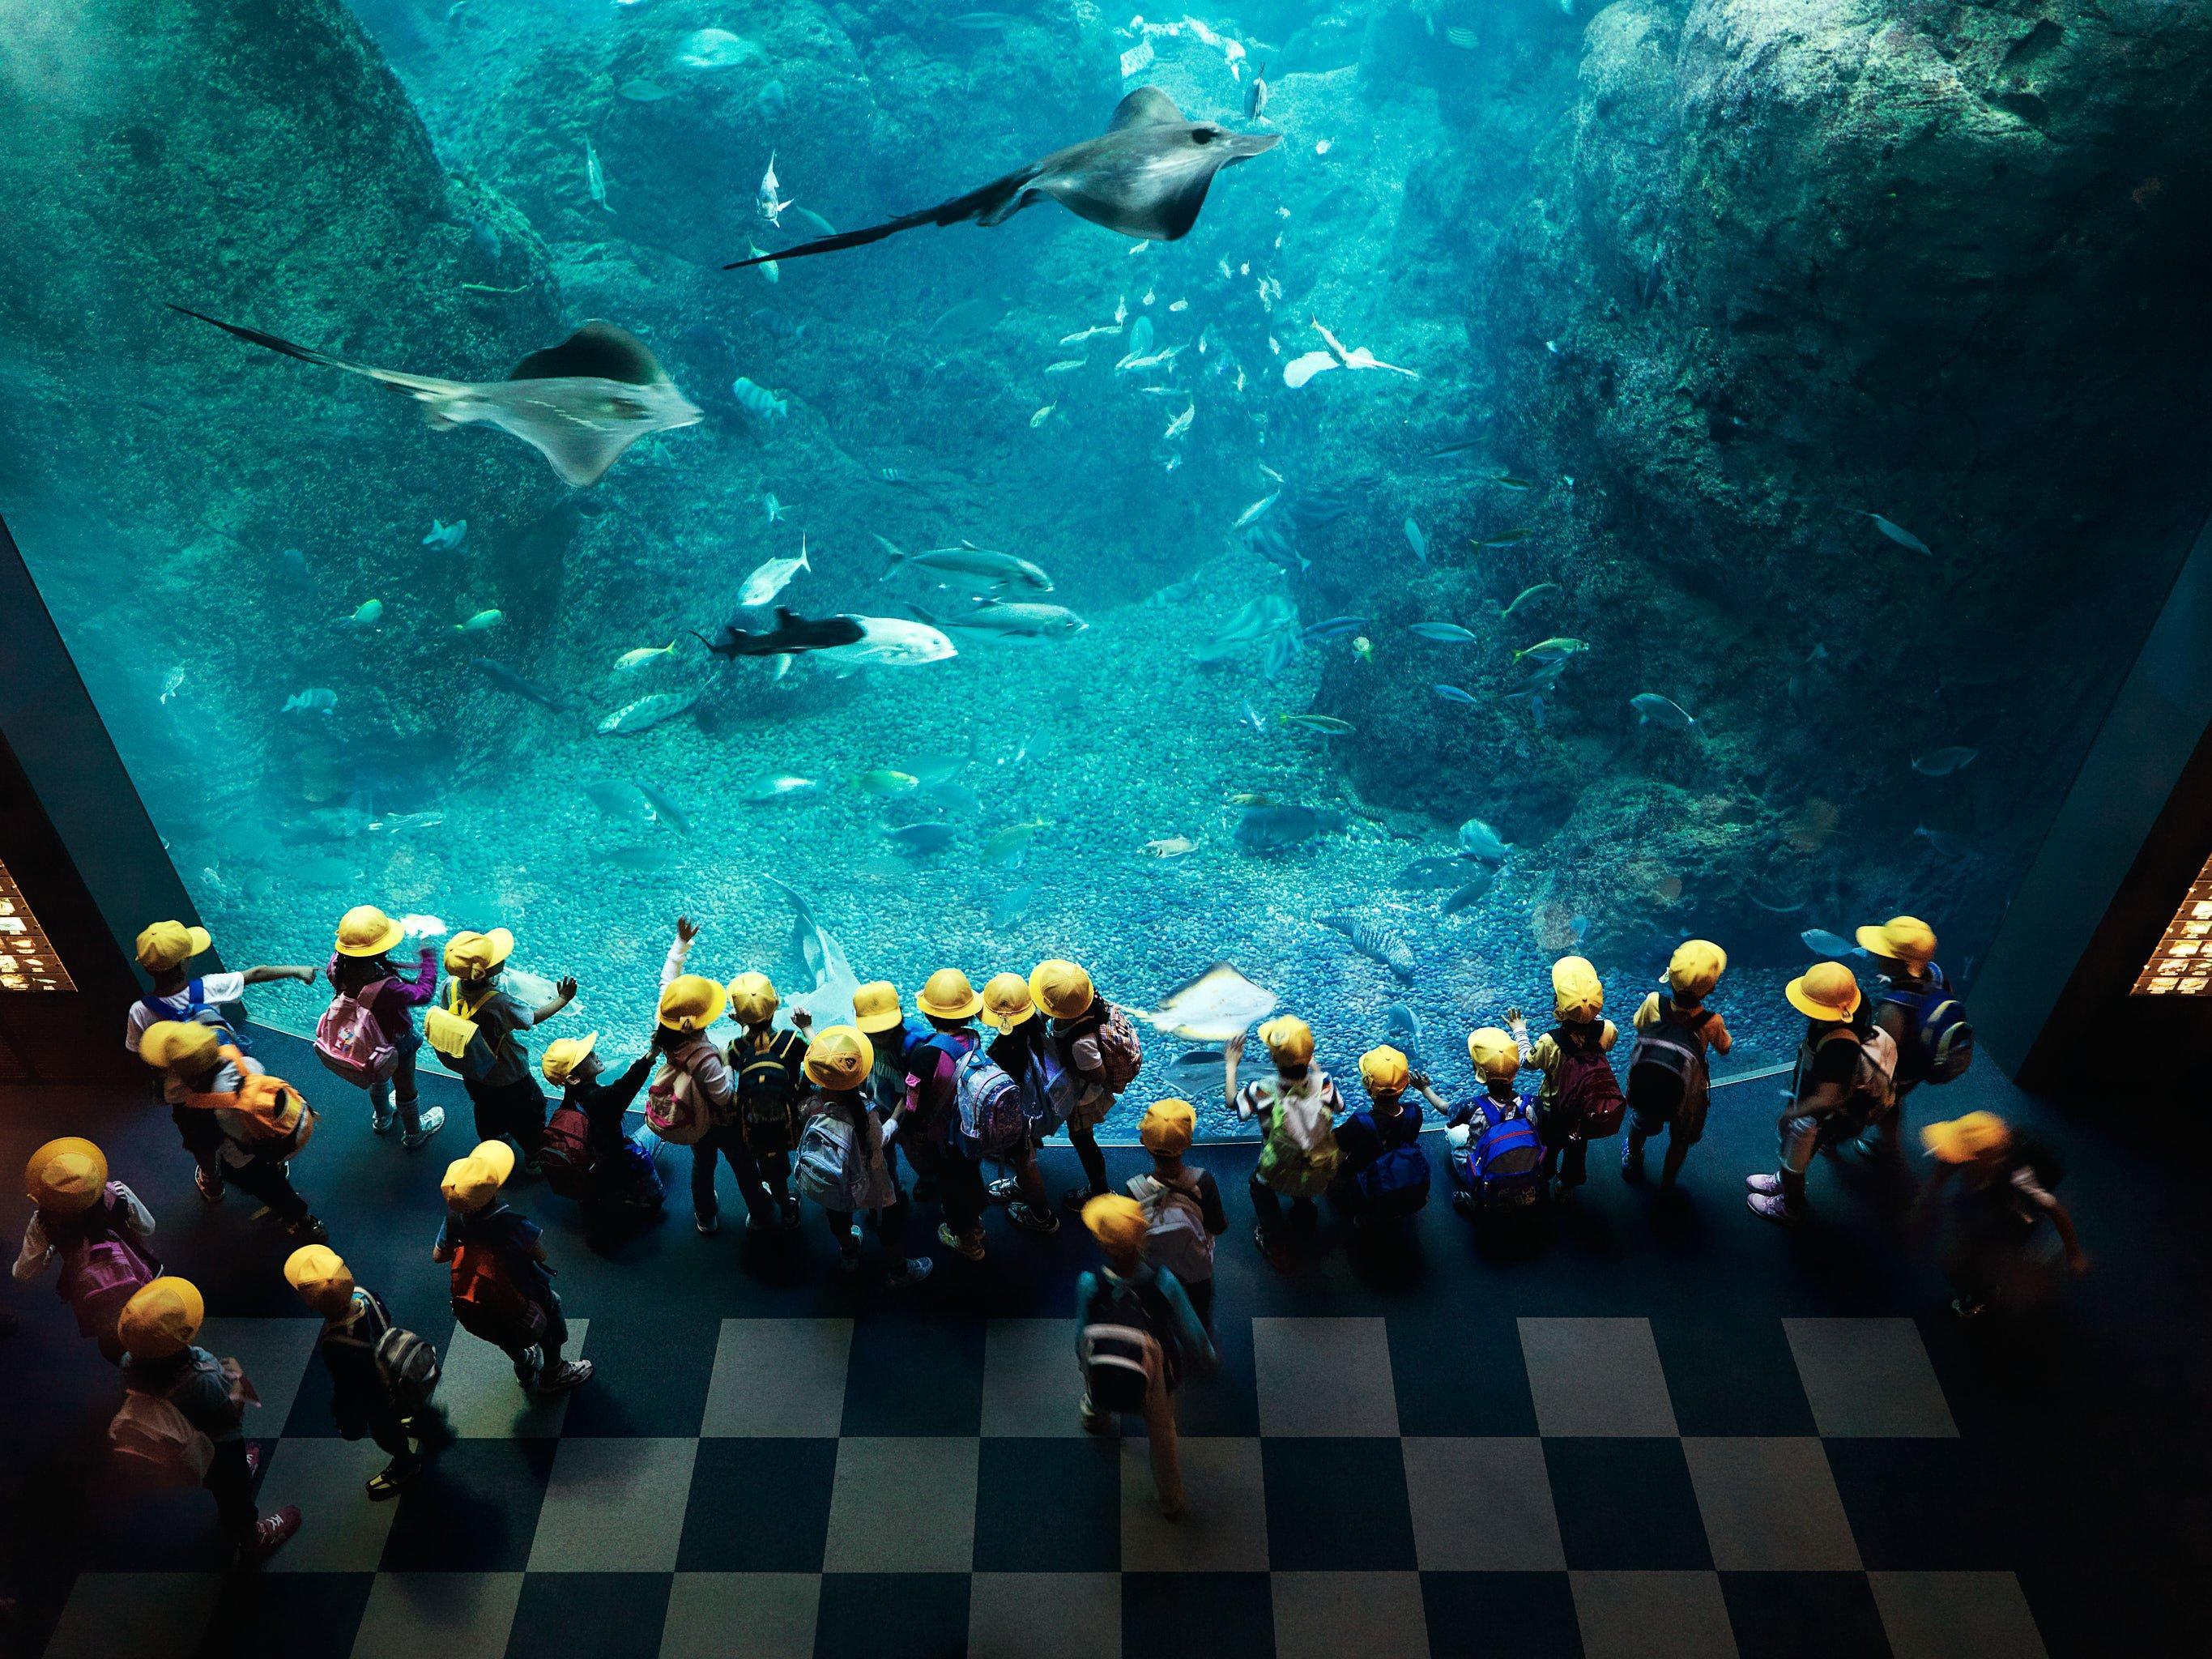 Enoshima Aquarium, Fujisawa